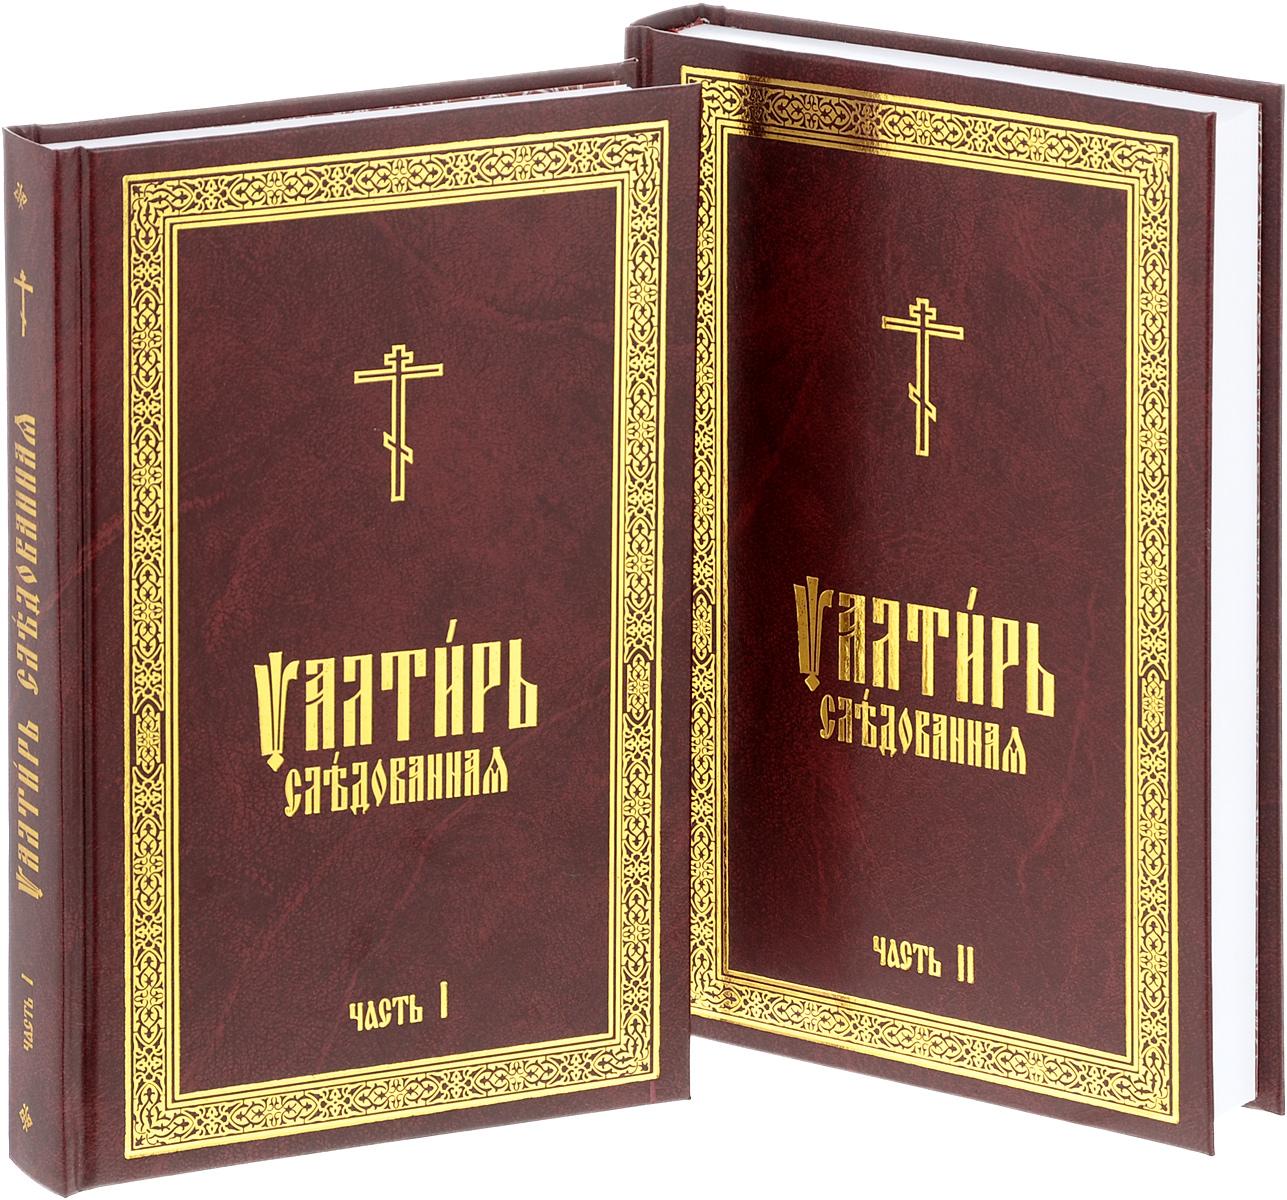 Псалтирь следованная (комплект из 2 книг)  опасные связи комплект из 2 книг